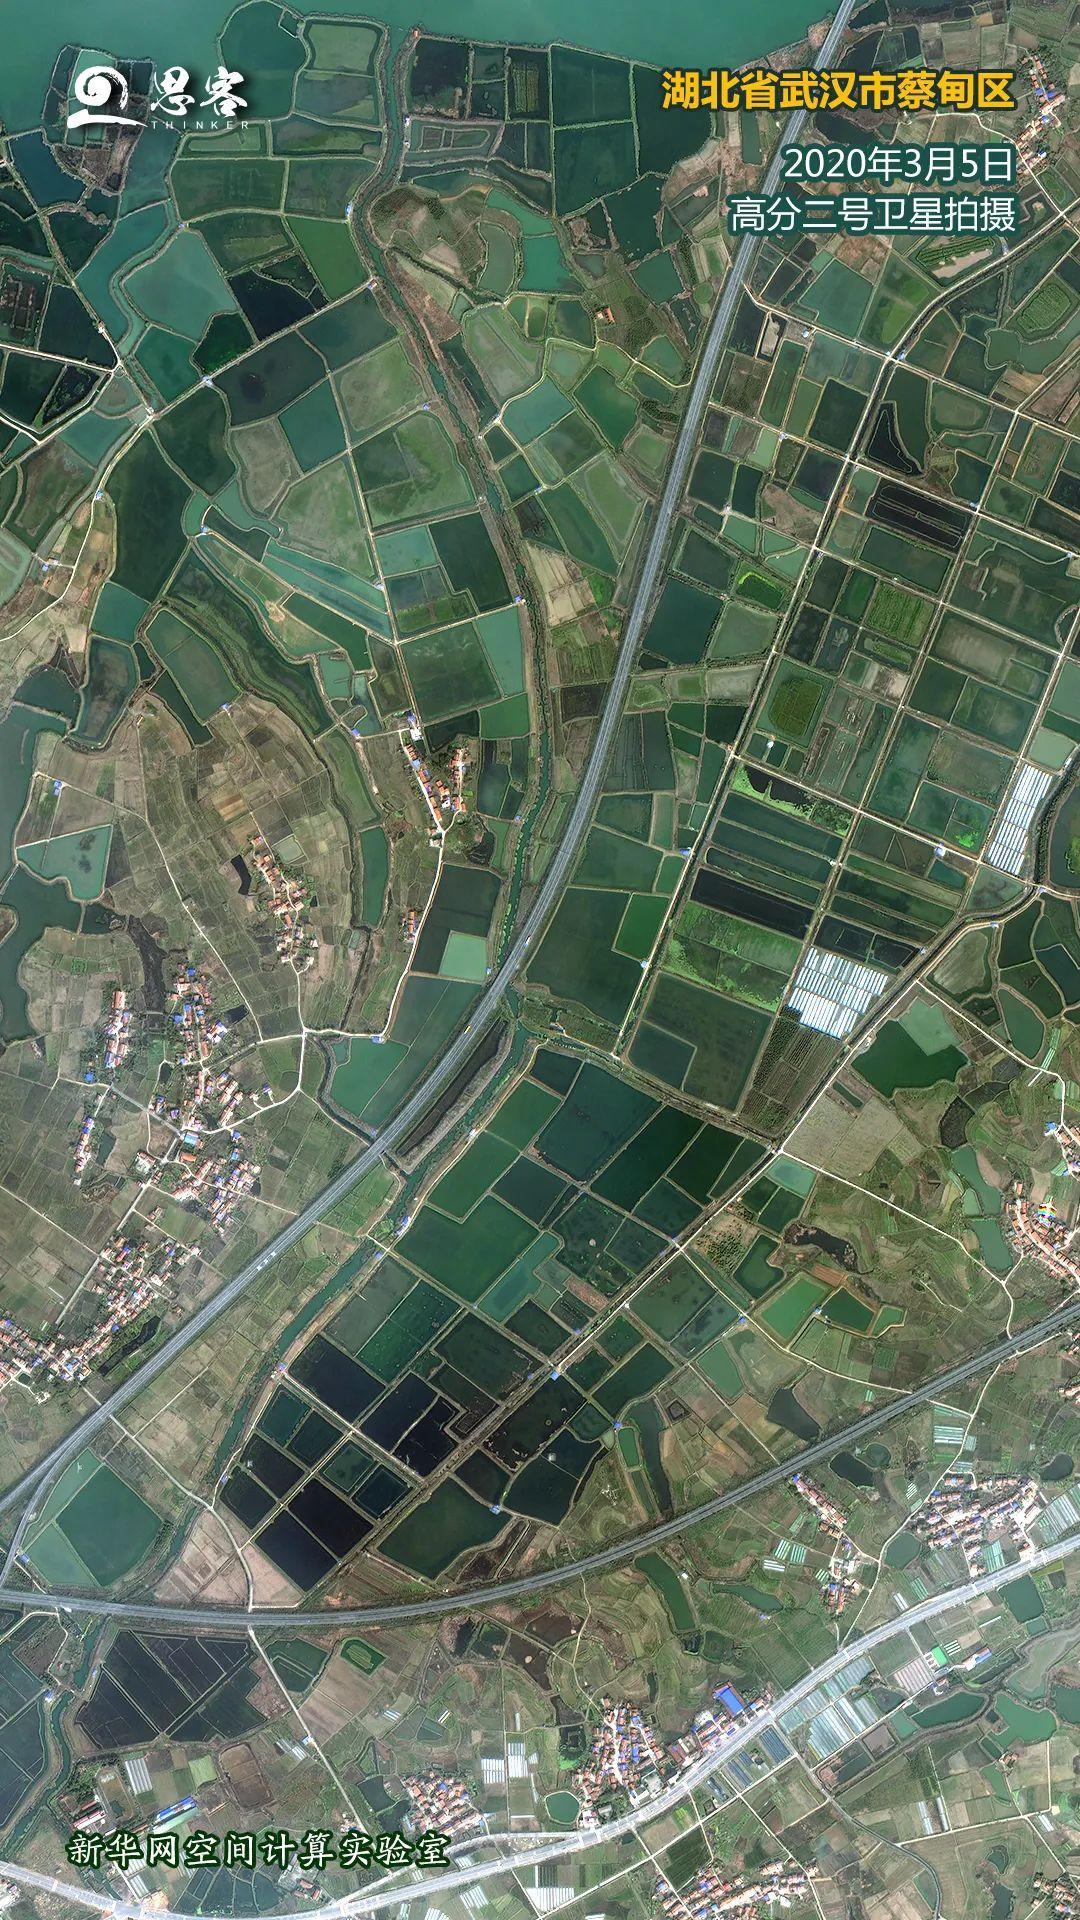 保山市地理环境经济总量_保山市地图